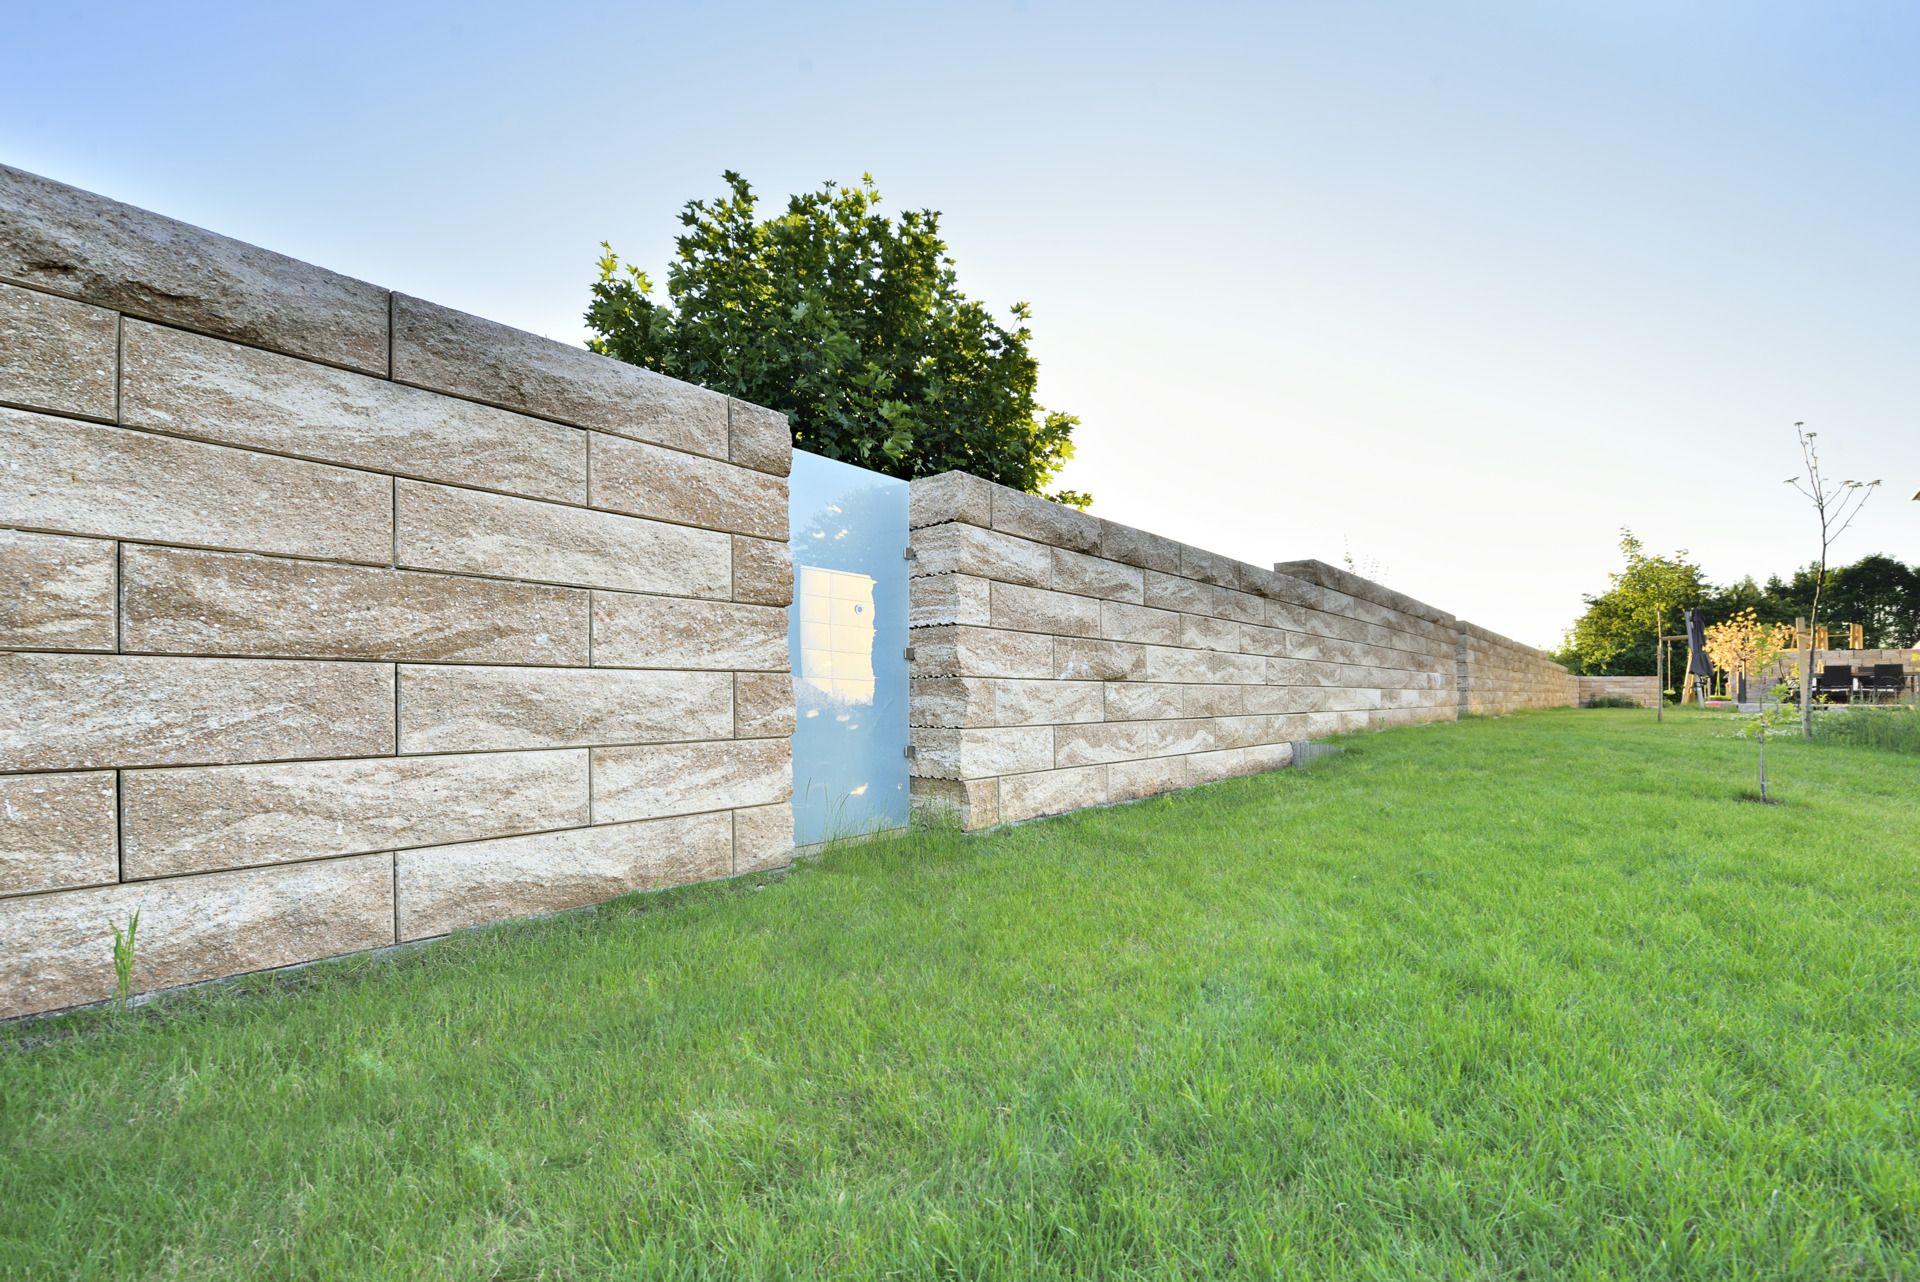 Gartenmauer Als Sichtschutz Fur Den Garten Sichtschutz Garten